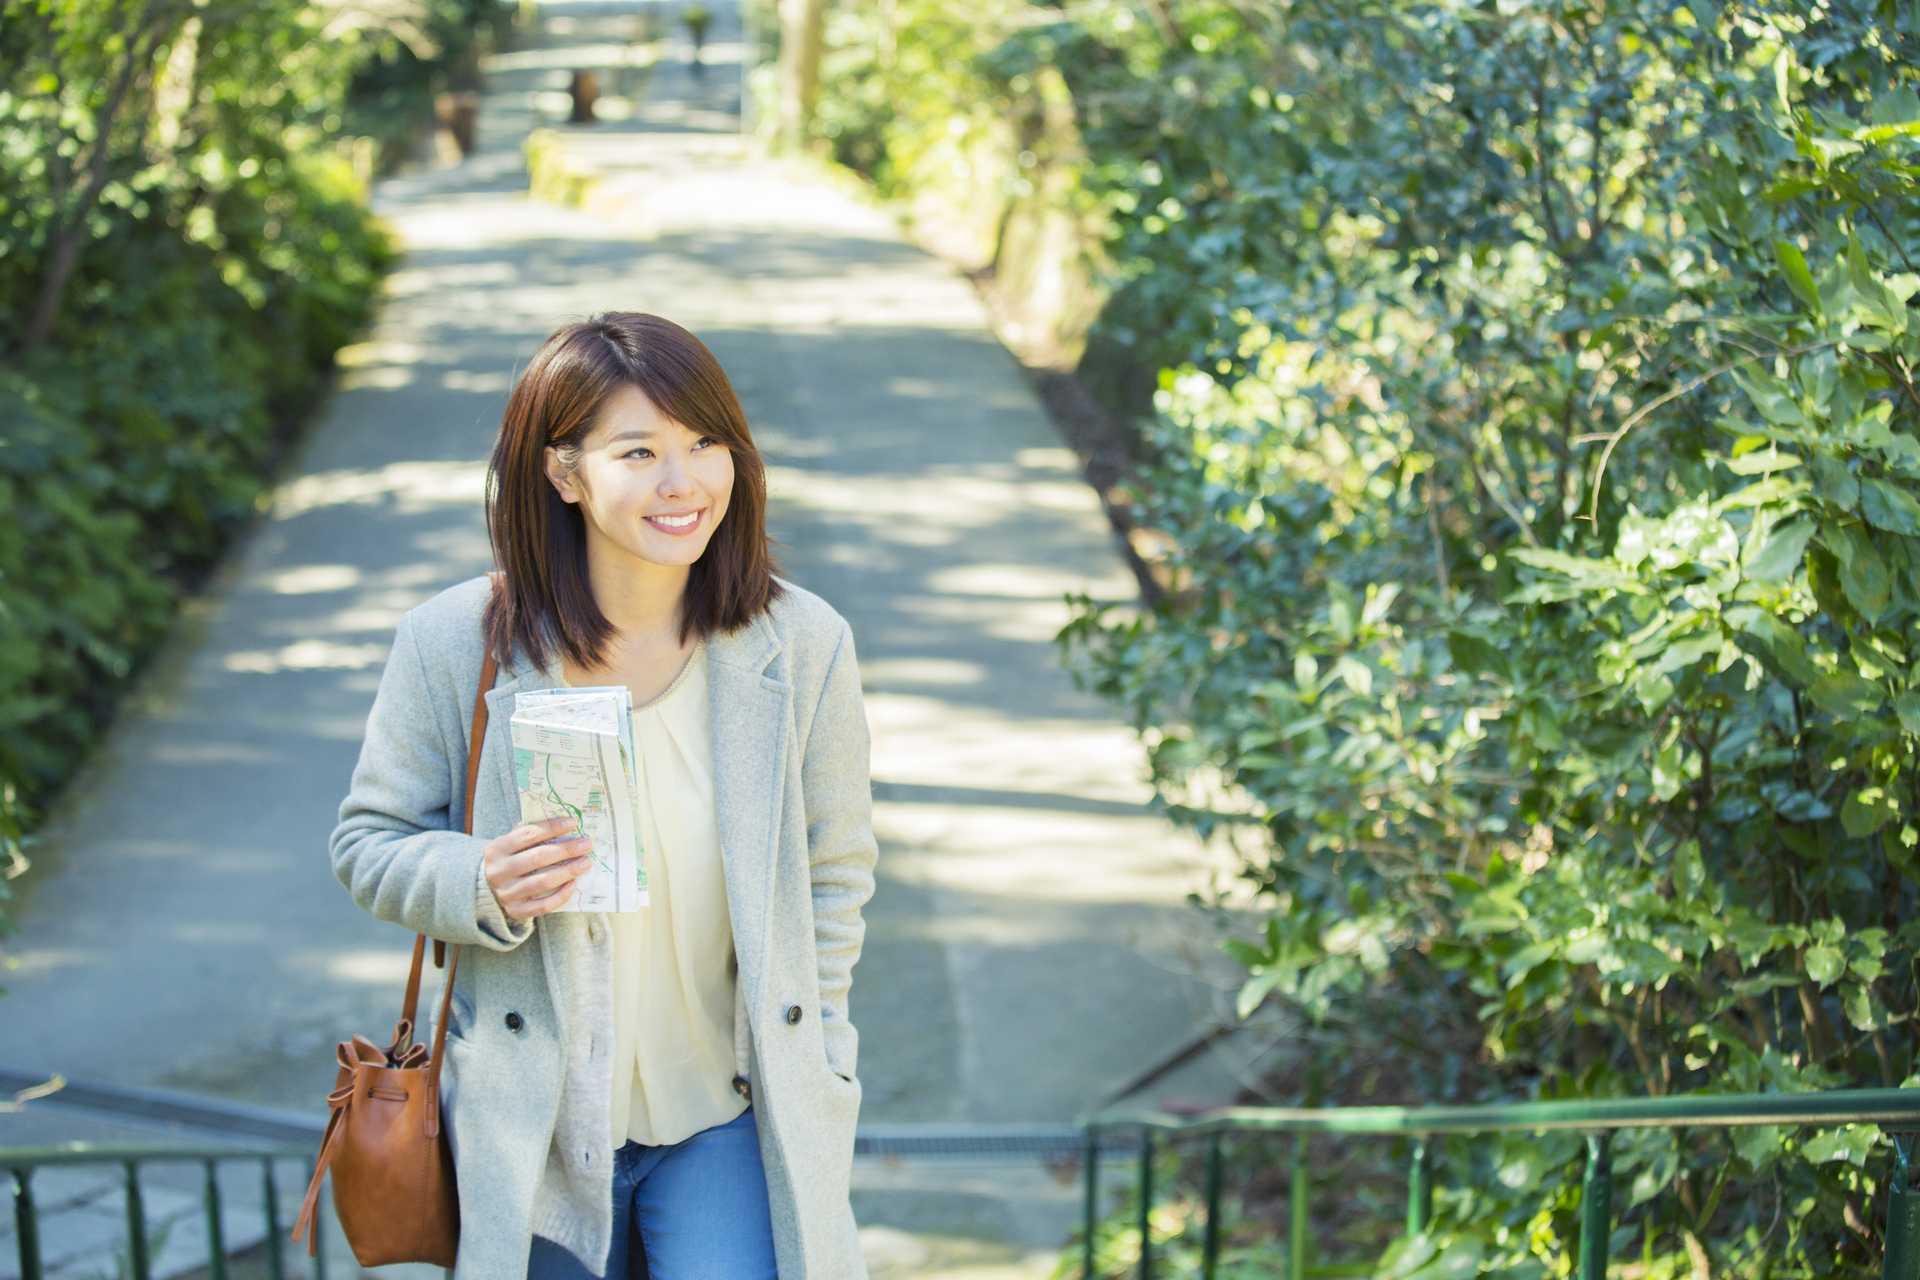 落ち込んだときこそ、歩く。悲しいときがあったときこそ、歩く。 | 早朝の散歩習慣のすすめ